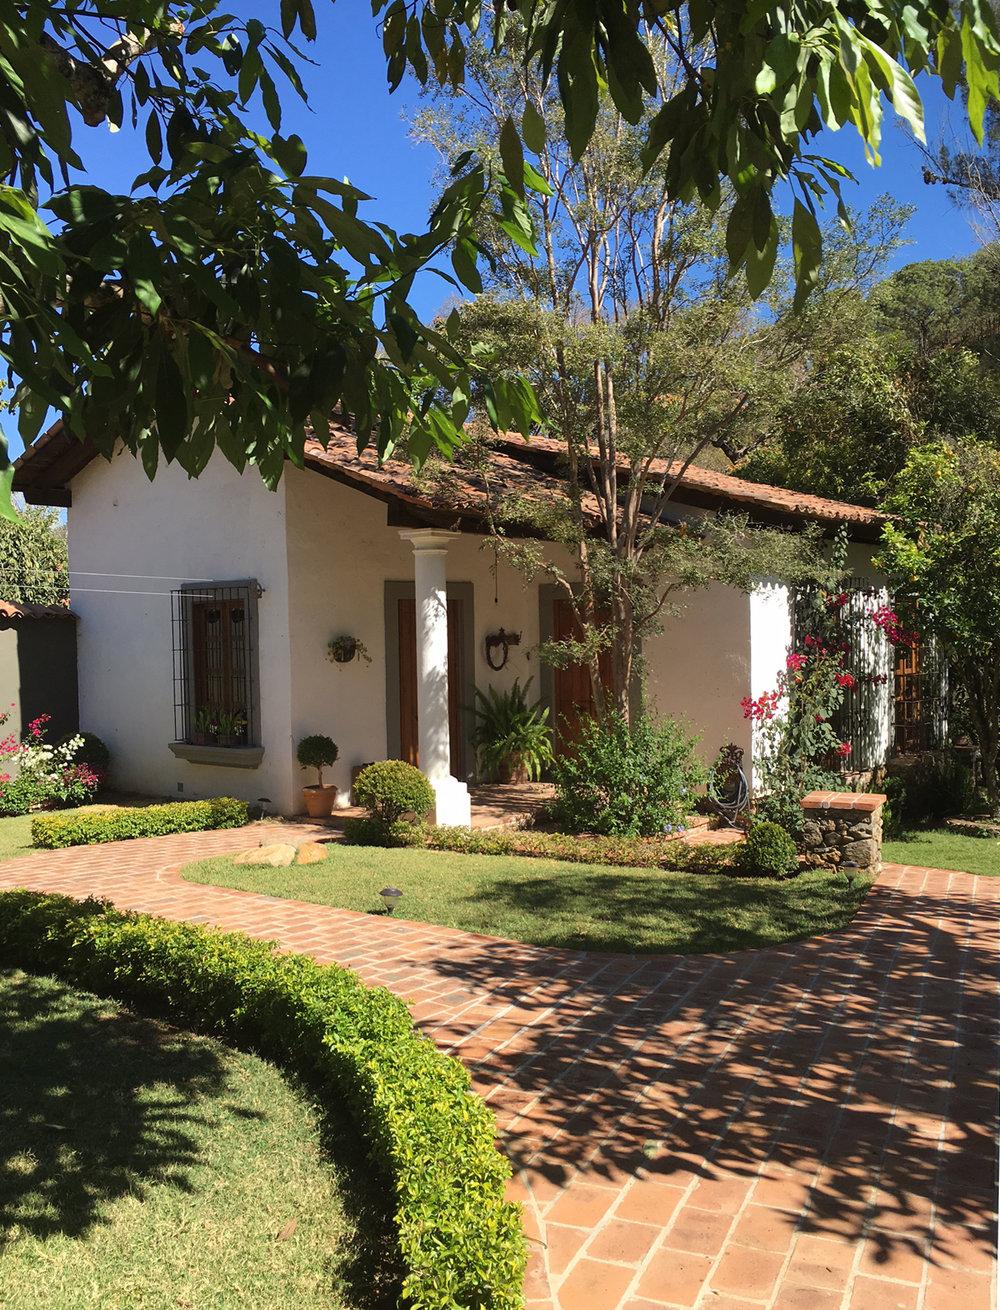 SAN SEBASTIAN | MEXICO INTERIORS